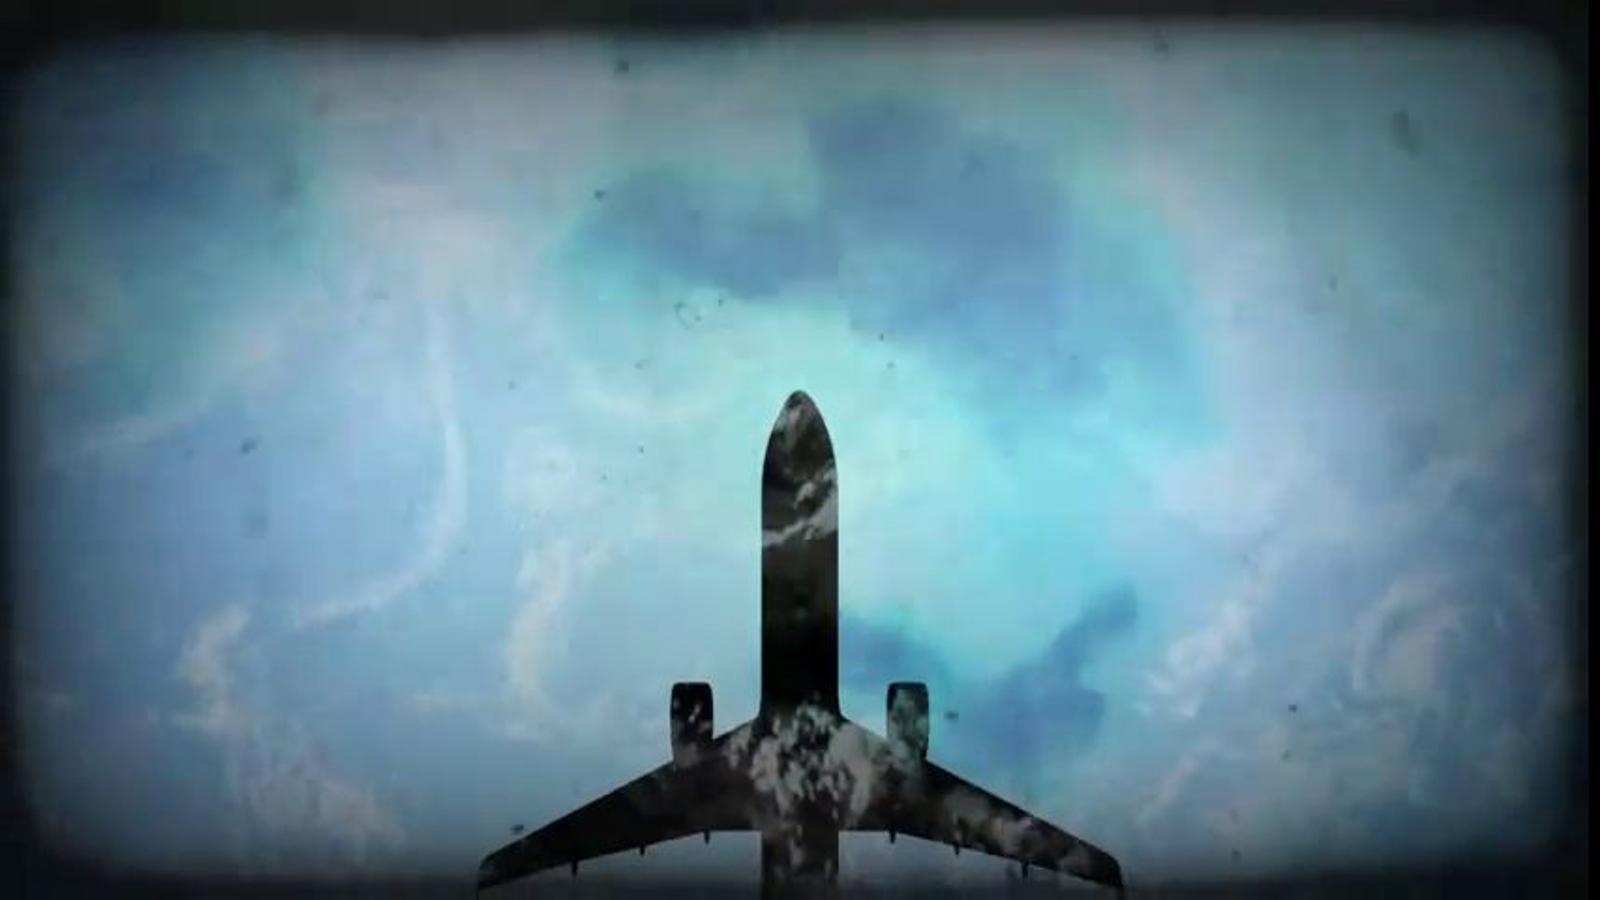 La cançó 'El que val la pena de veritat', d'Els Pets, en un vídeo d'animació en 'motion typography'